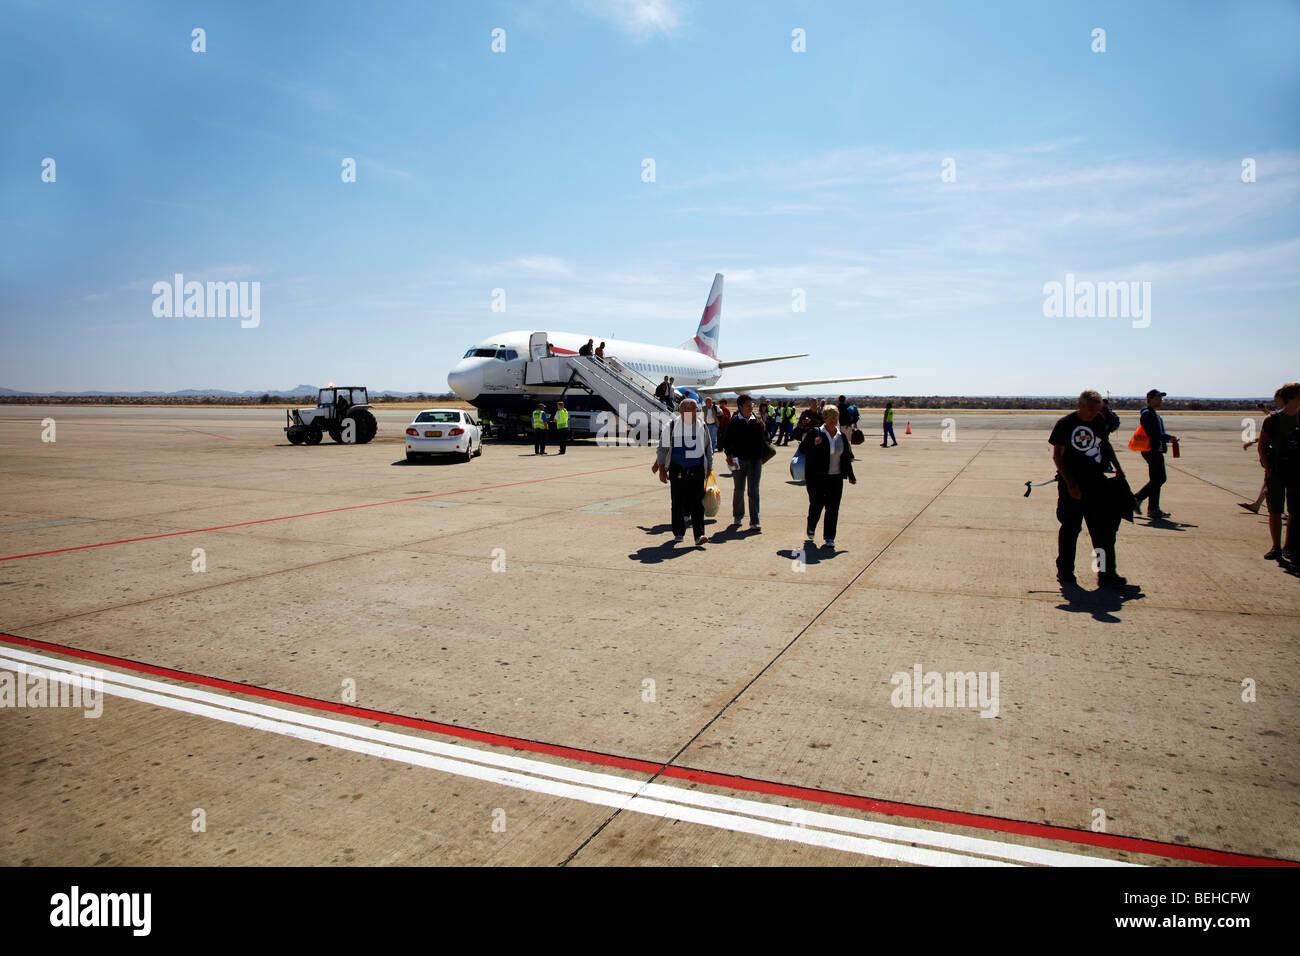 people walking off airplane, Windhoek Airport - Stock Image